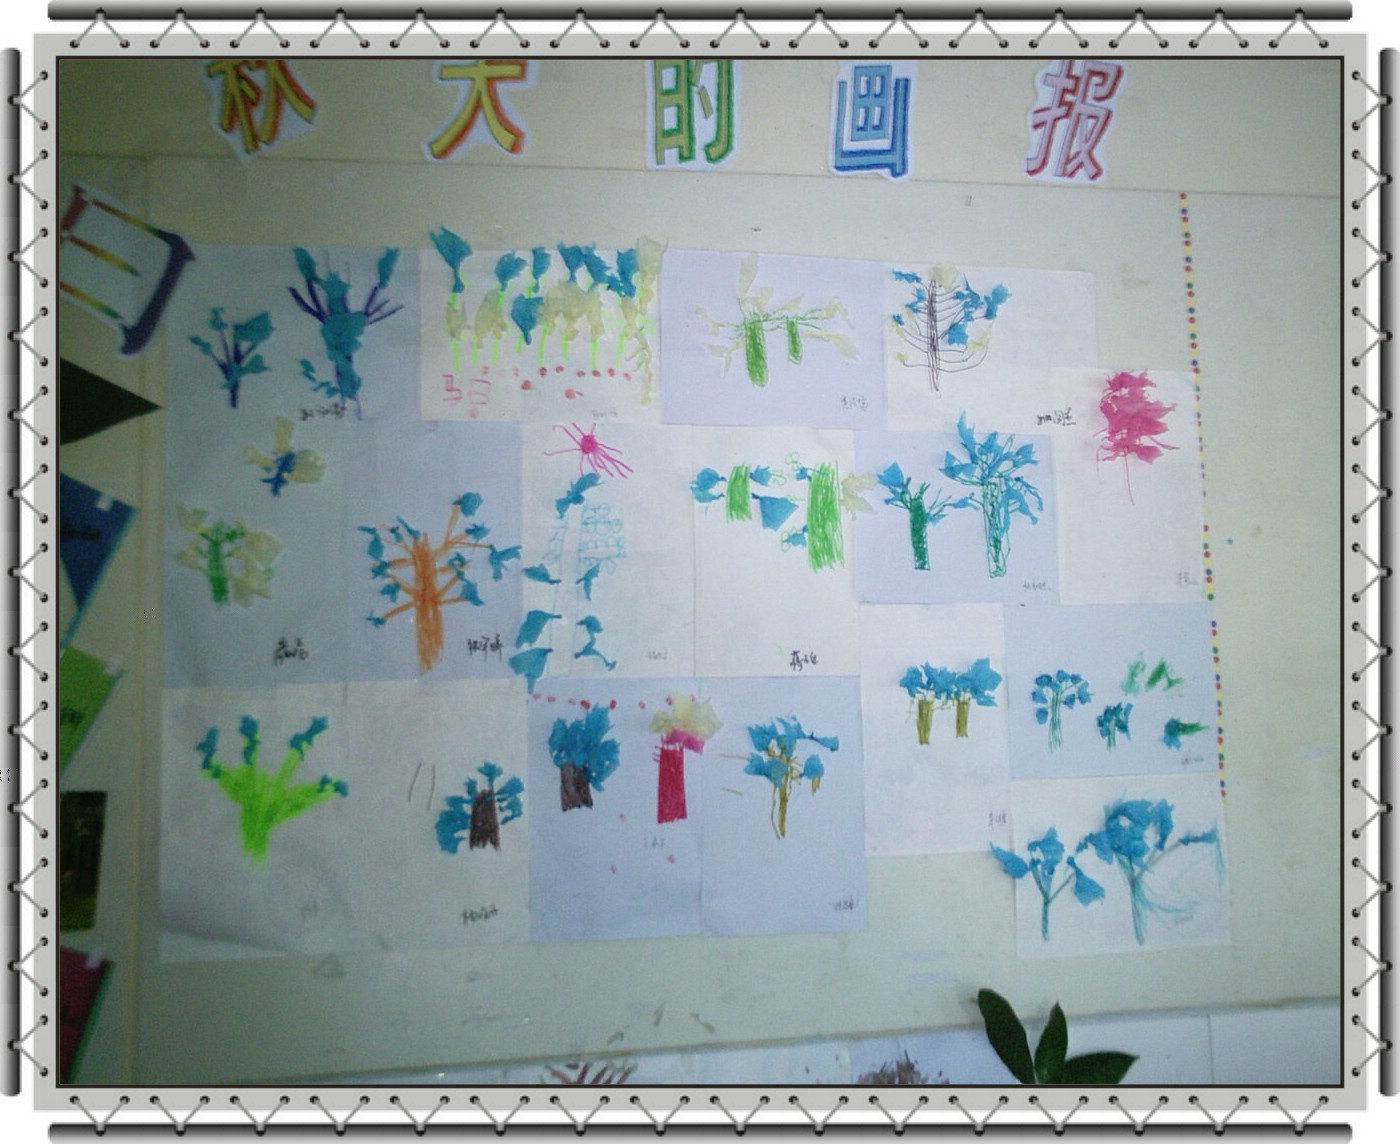 中班主题秋天的画报,幼儿作品展览